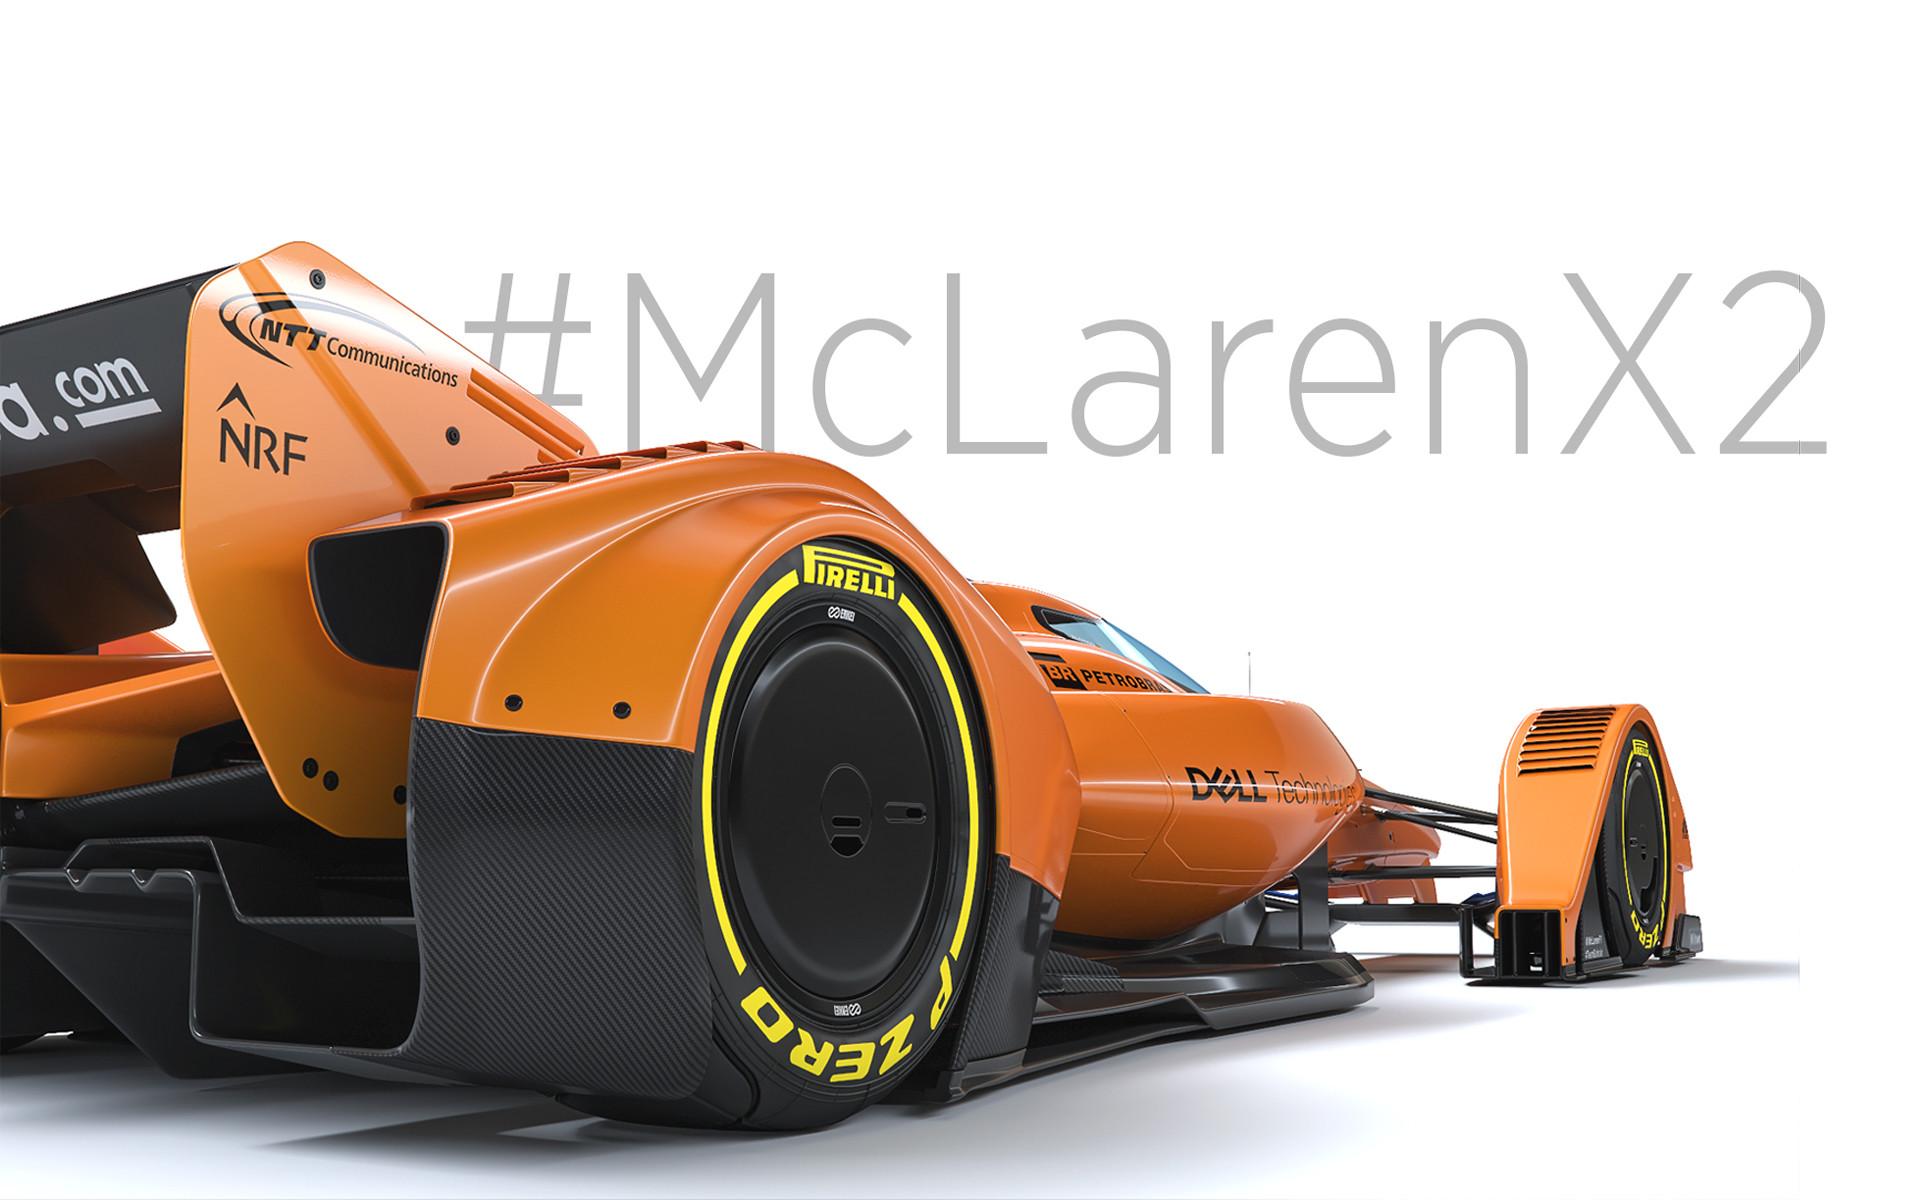 McLaren F1 Wallpaper HD (59+ images)